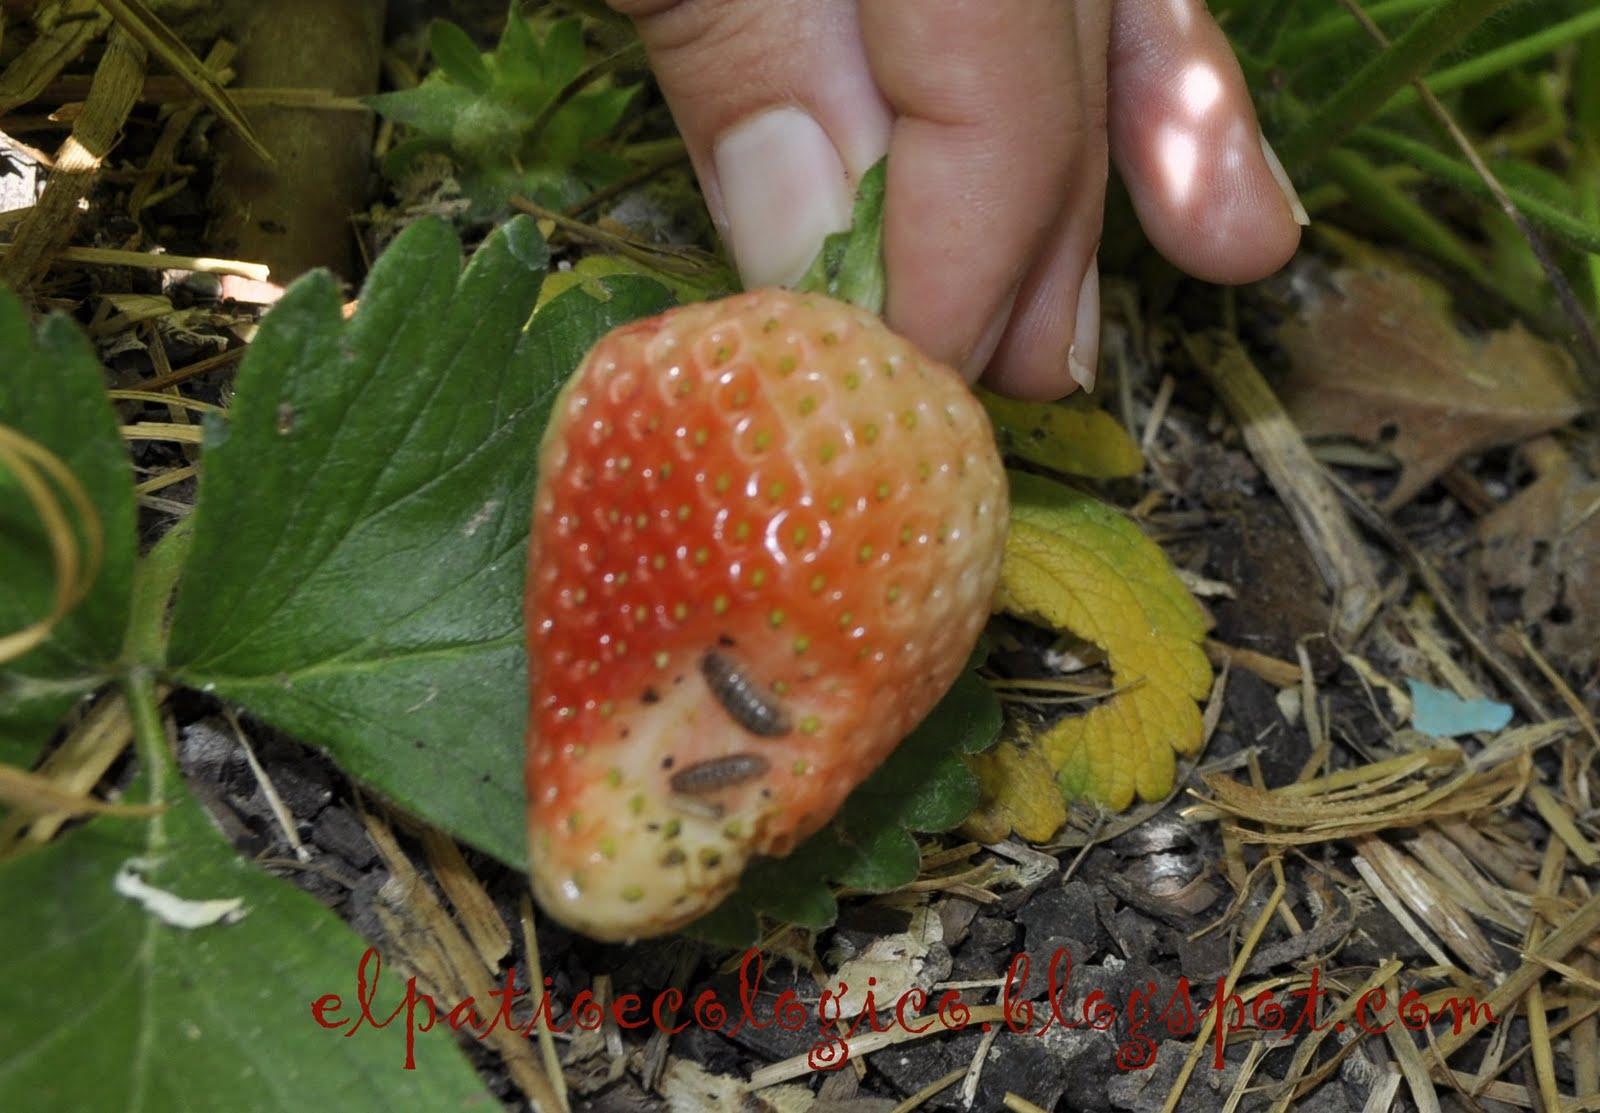 El patio ecol gico las cochinillas se comen las fresas for Caracoles de jardin que comen